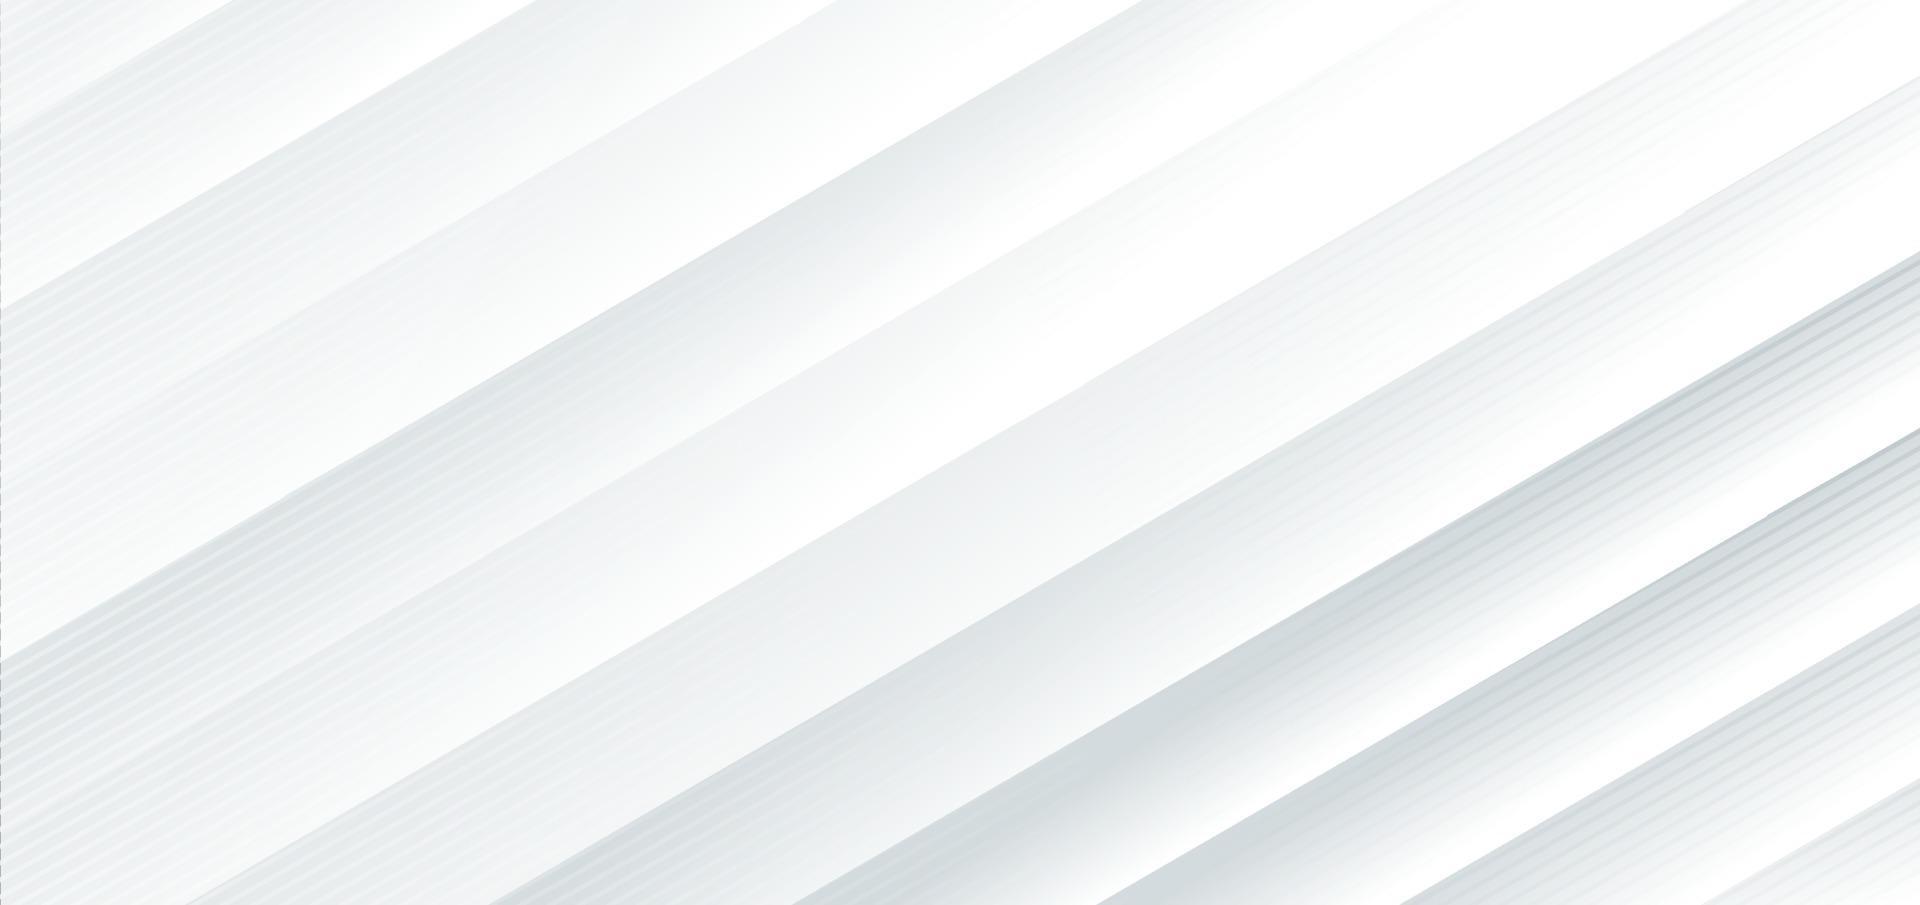 sfondo bianco diagonale astratto. vettore